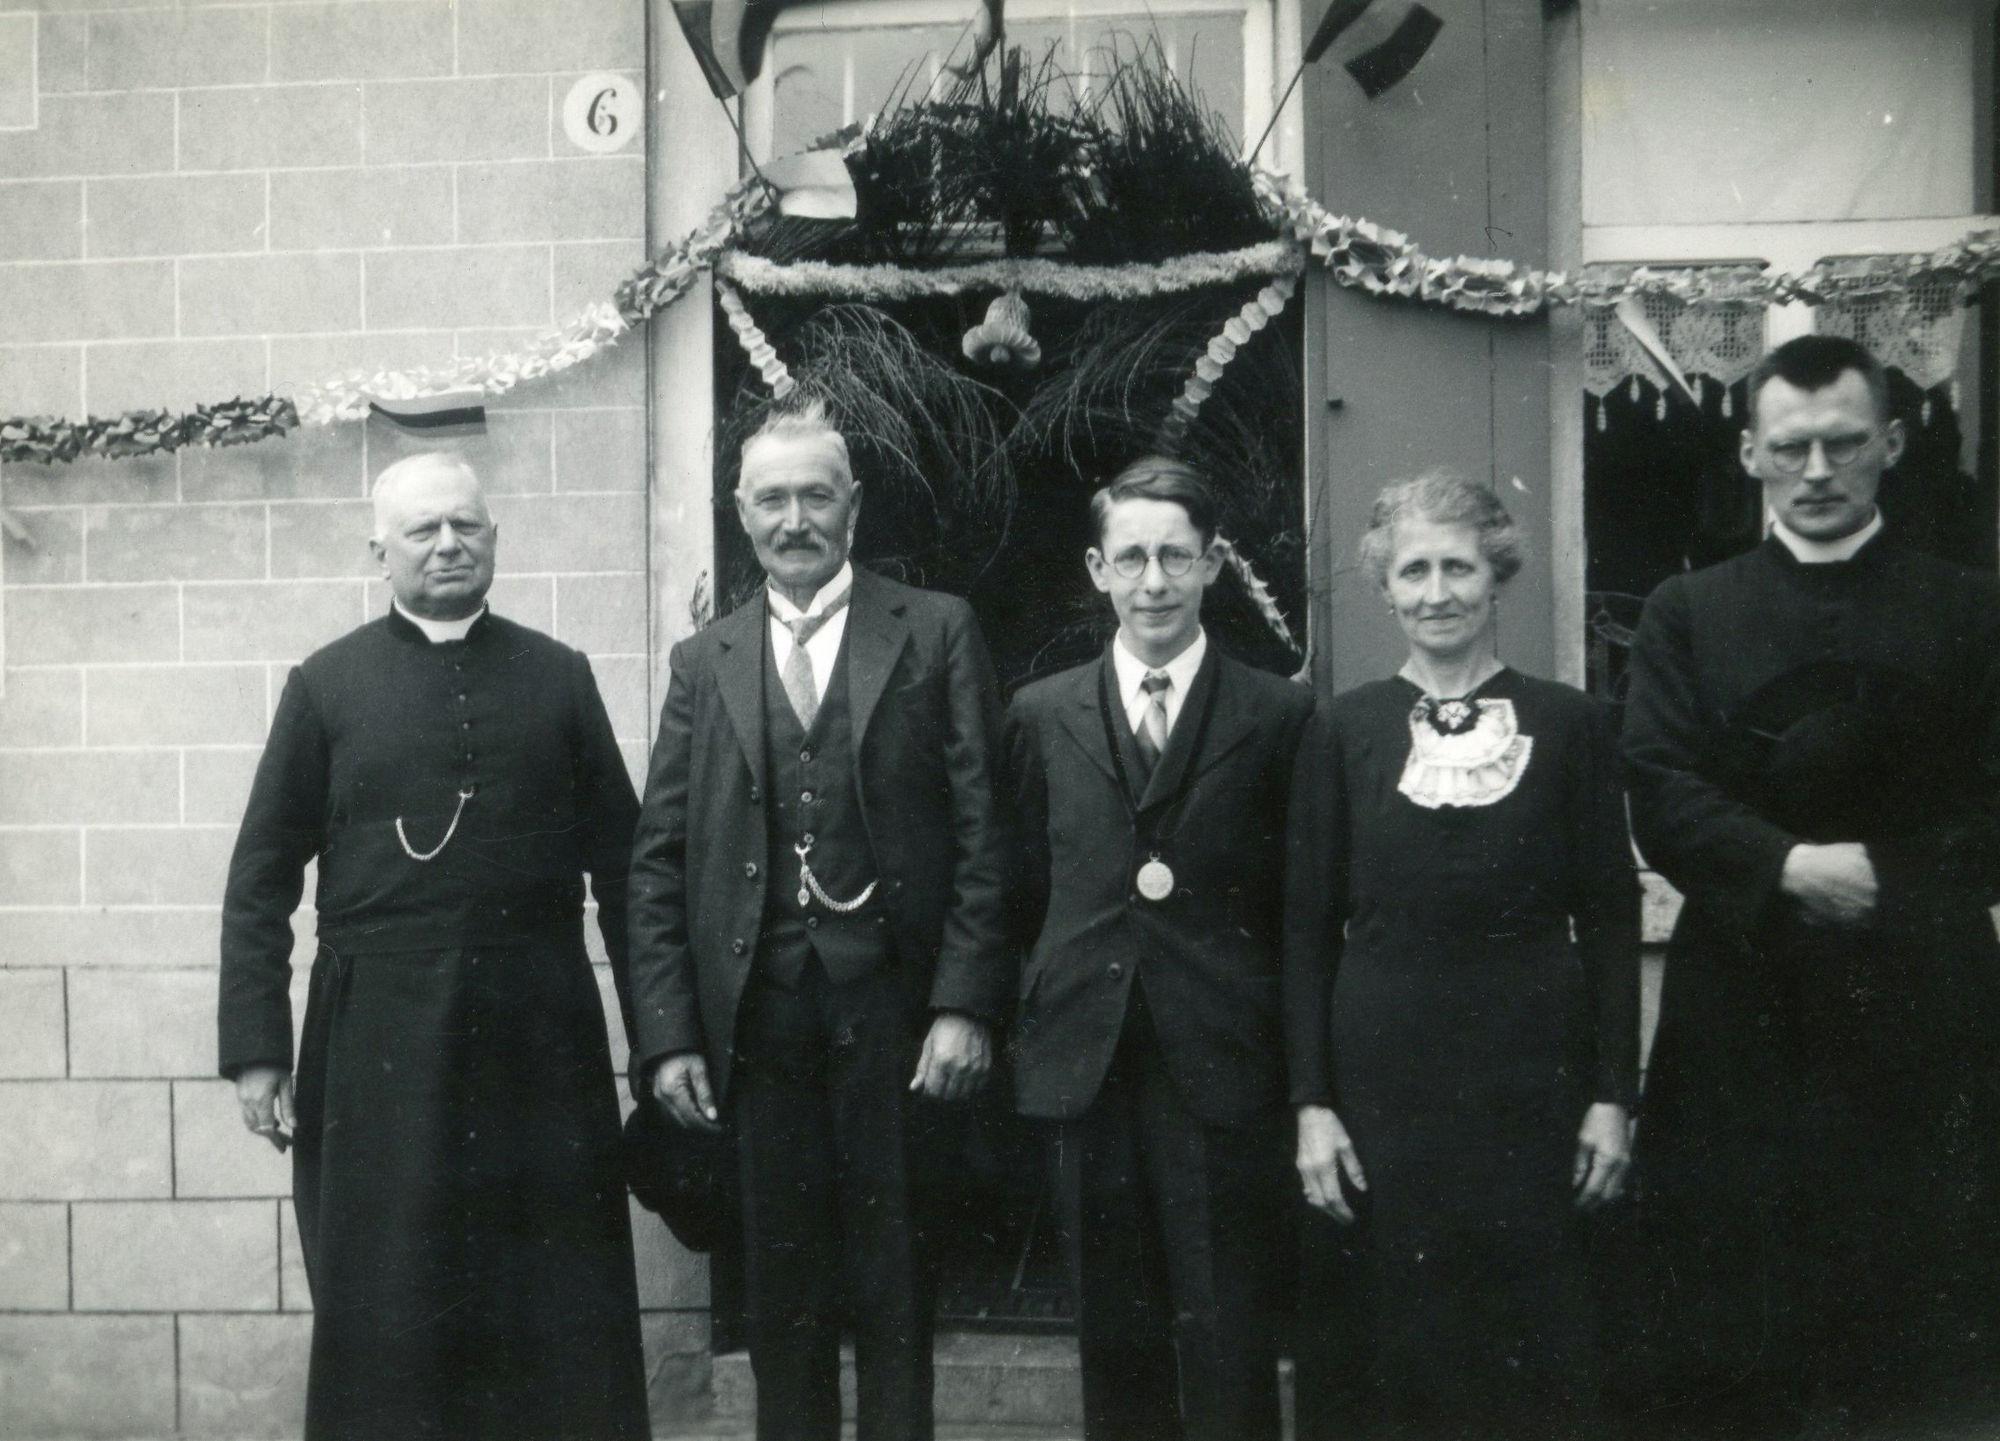 Aalbeke in 1939